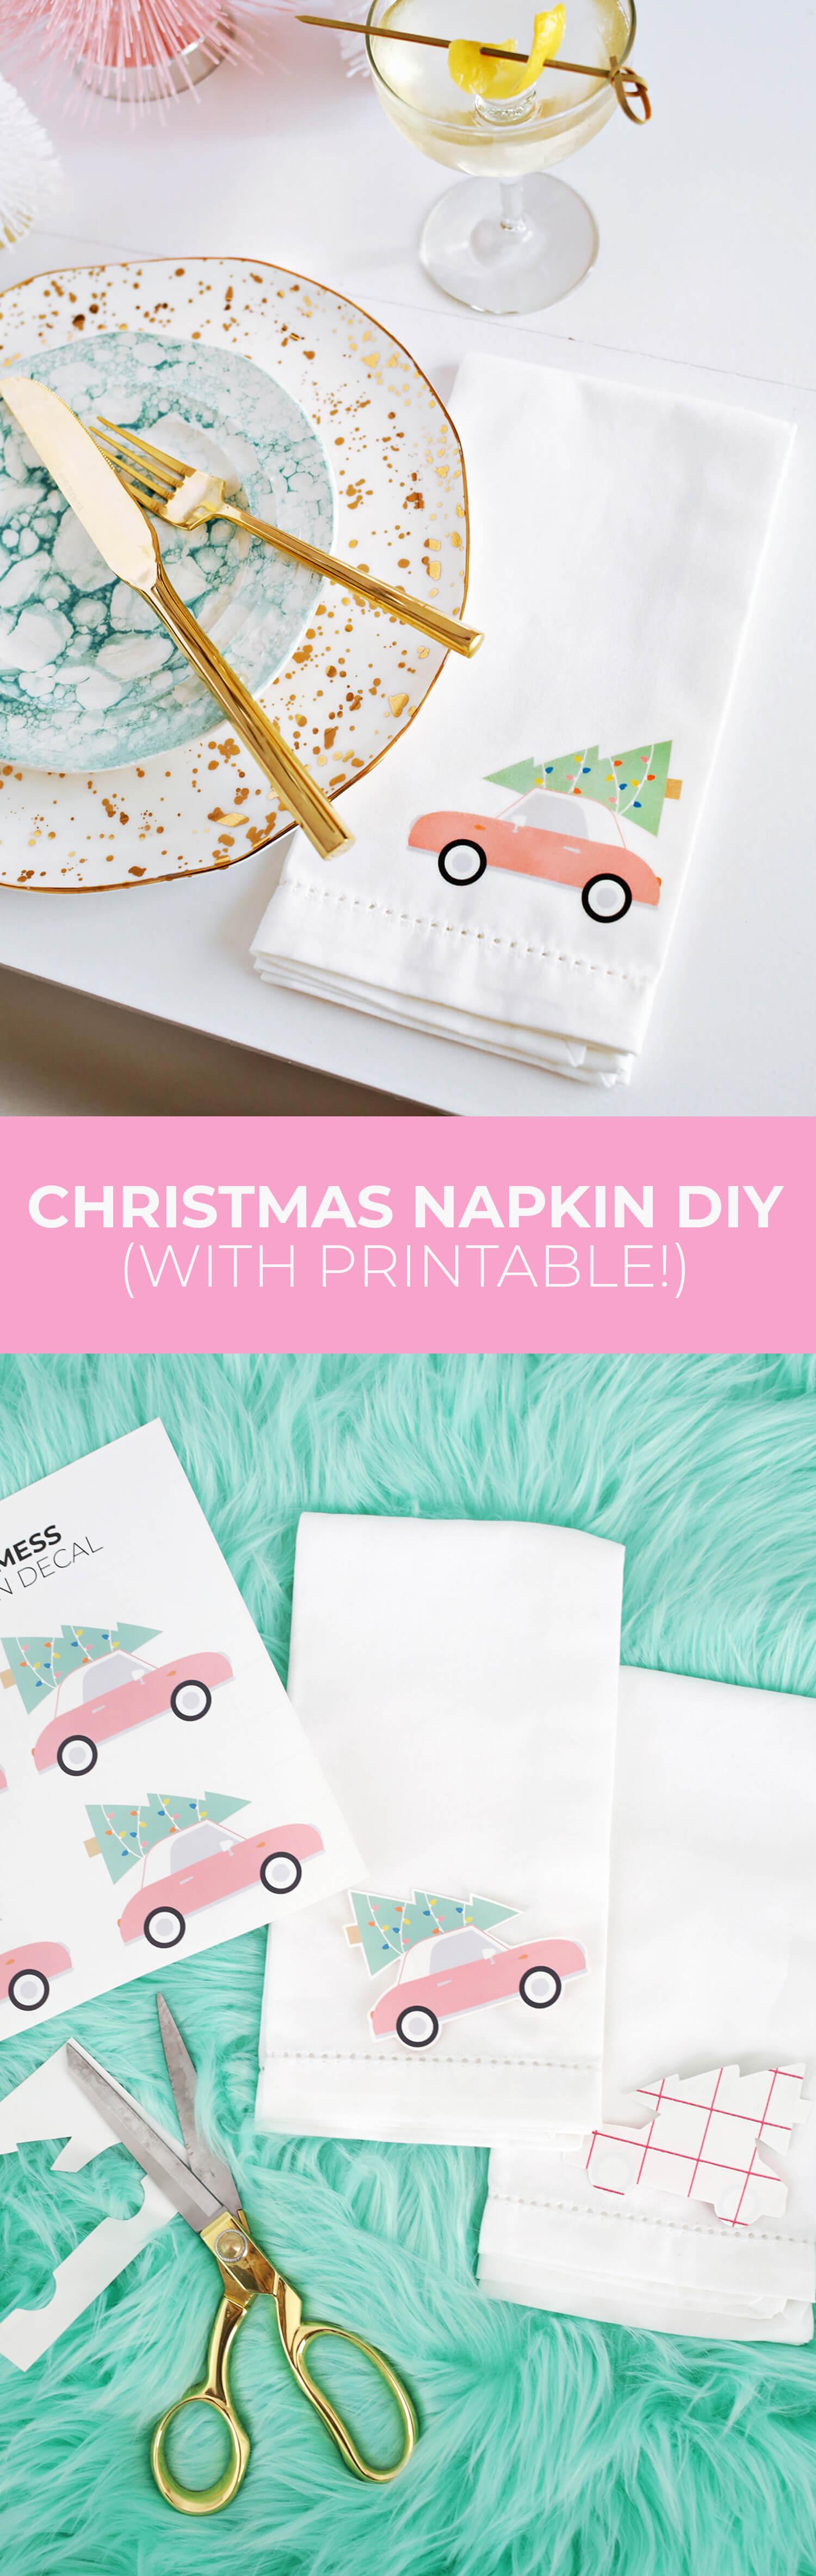 Christmas Napkin Iron On Diy With Printable A Beautiful Mess